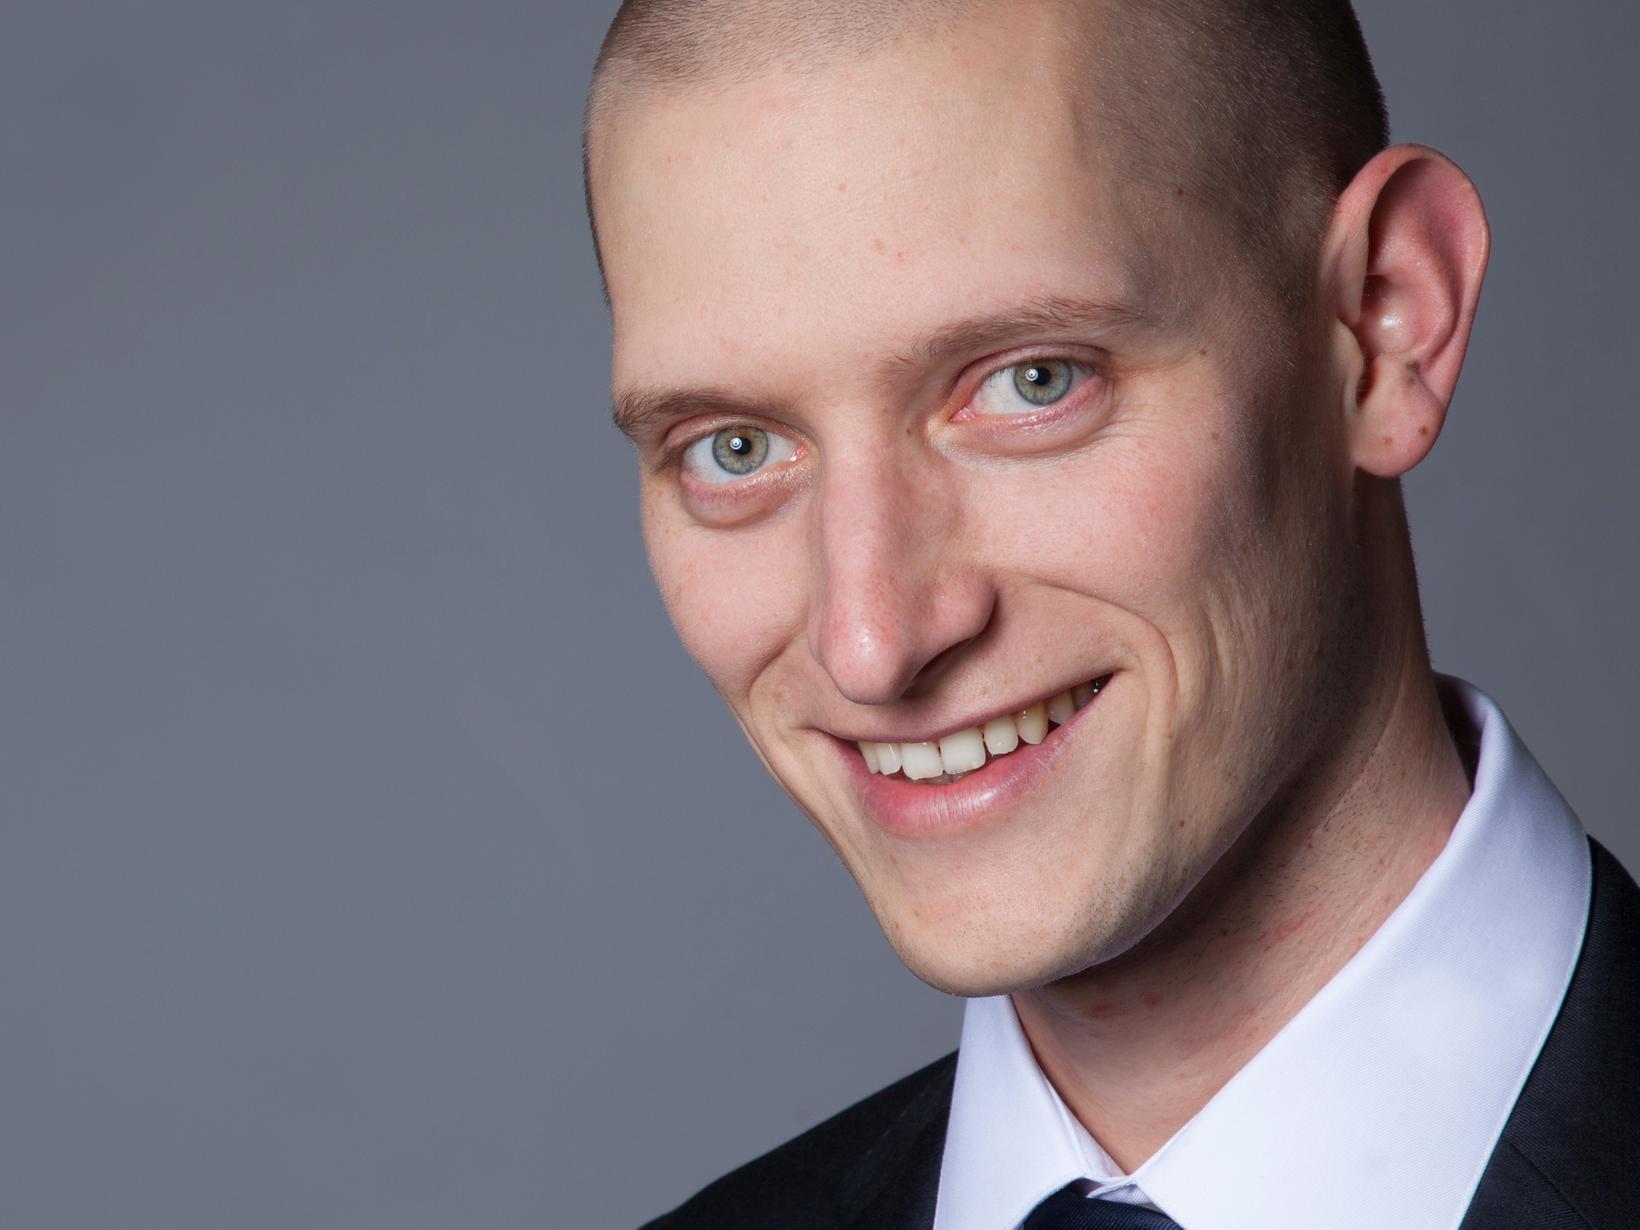 Daniel from Berlin, Germany